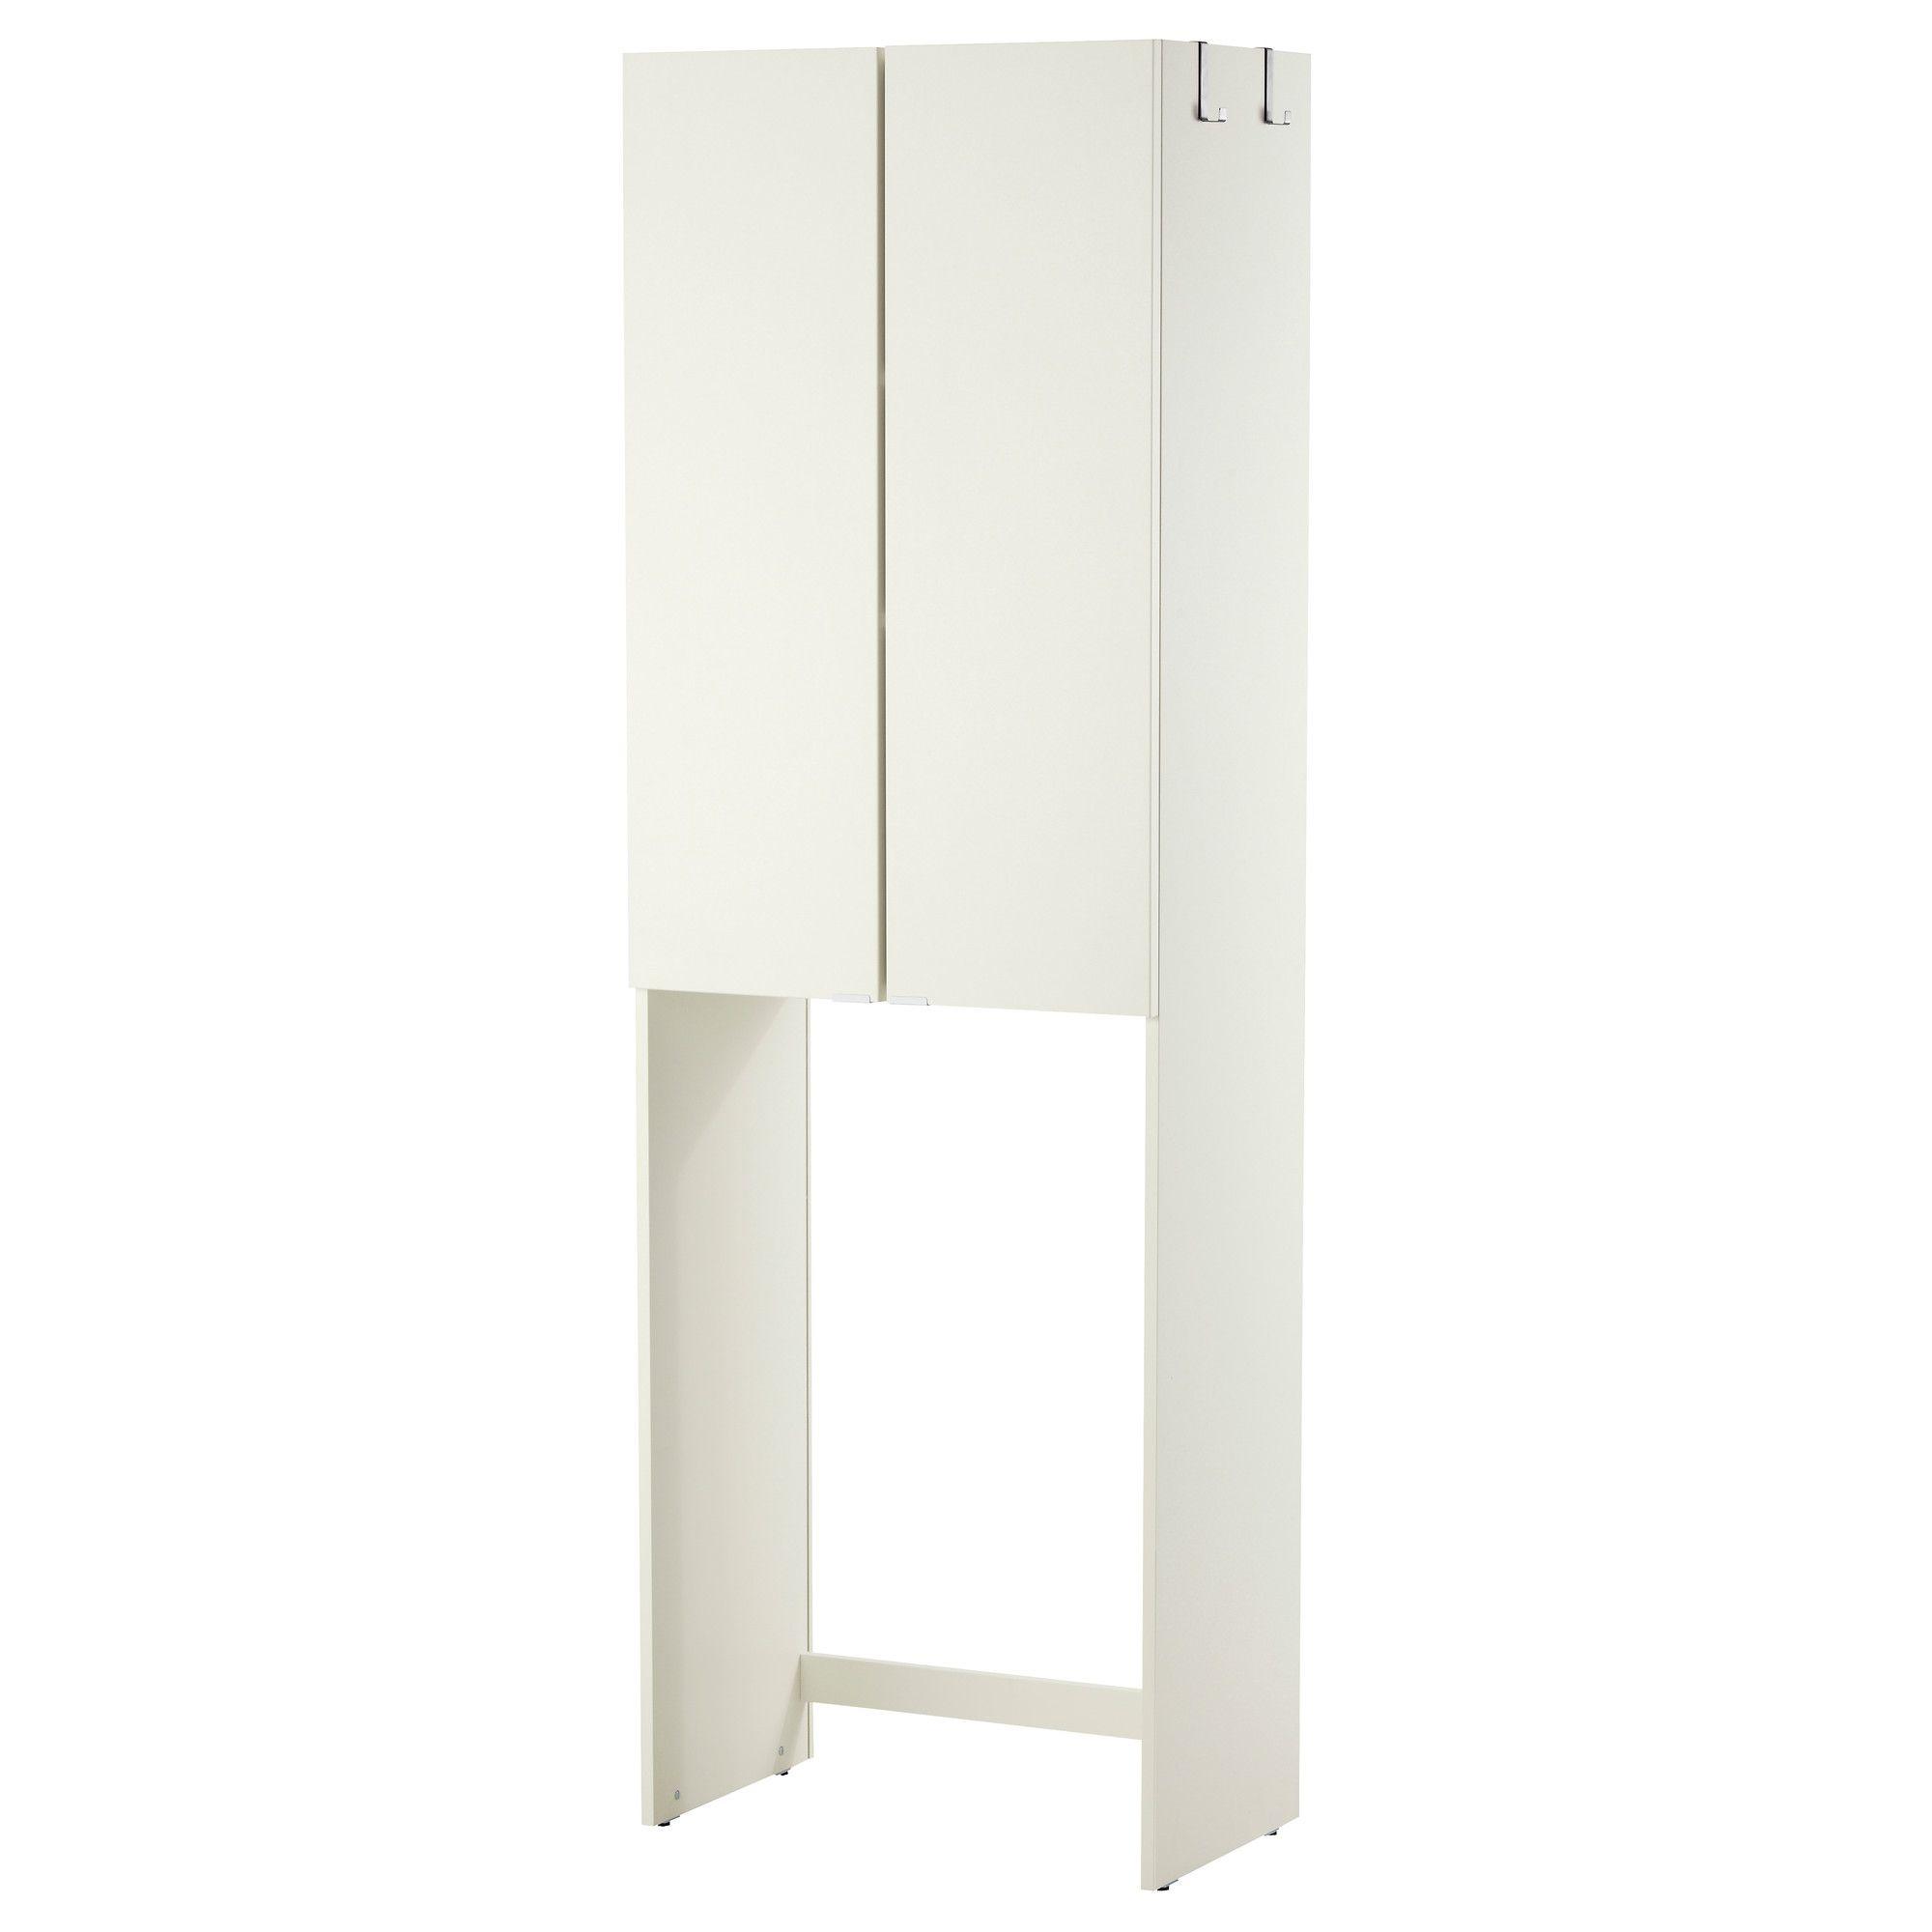 Waschmaschinenschrank LILLNGEN wei  IKEA  Ikea Bathroom Furniture und Retro bathrooms